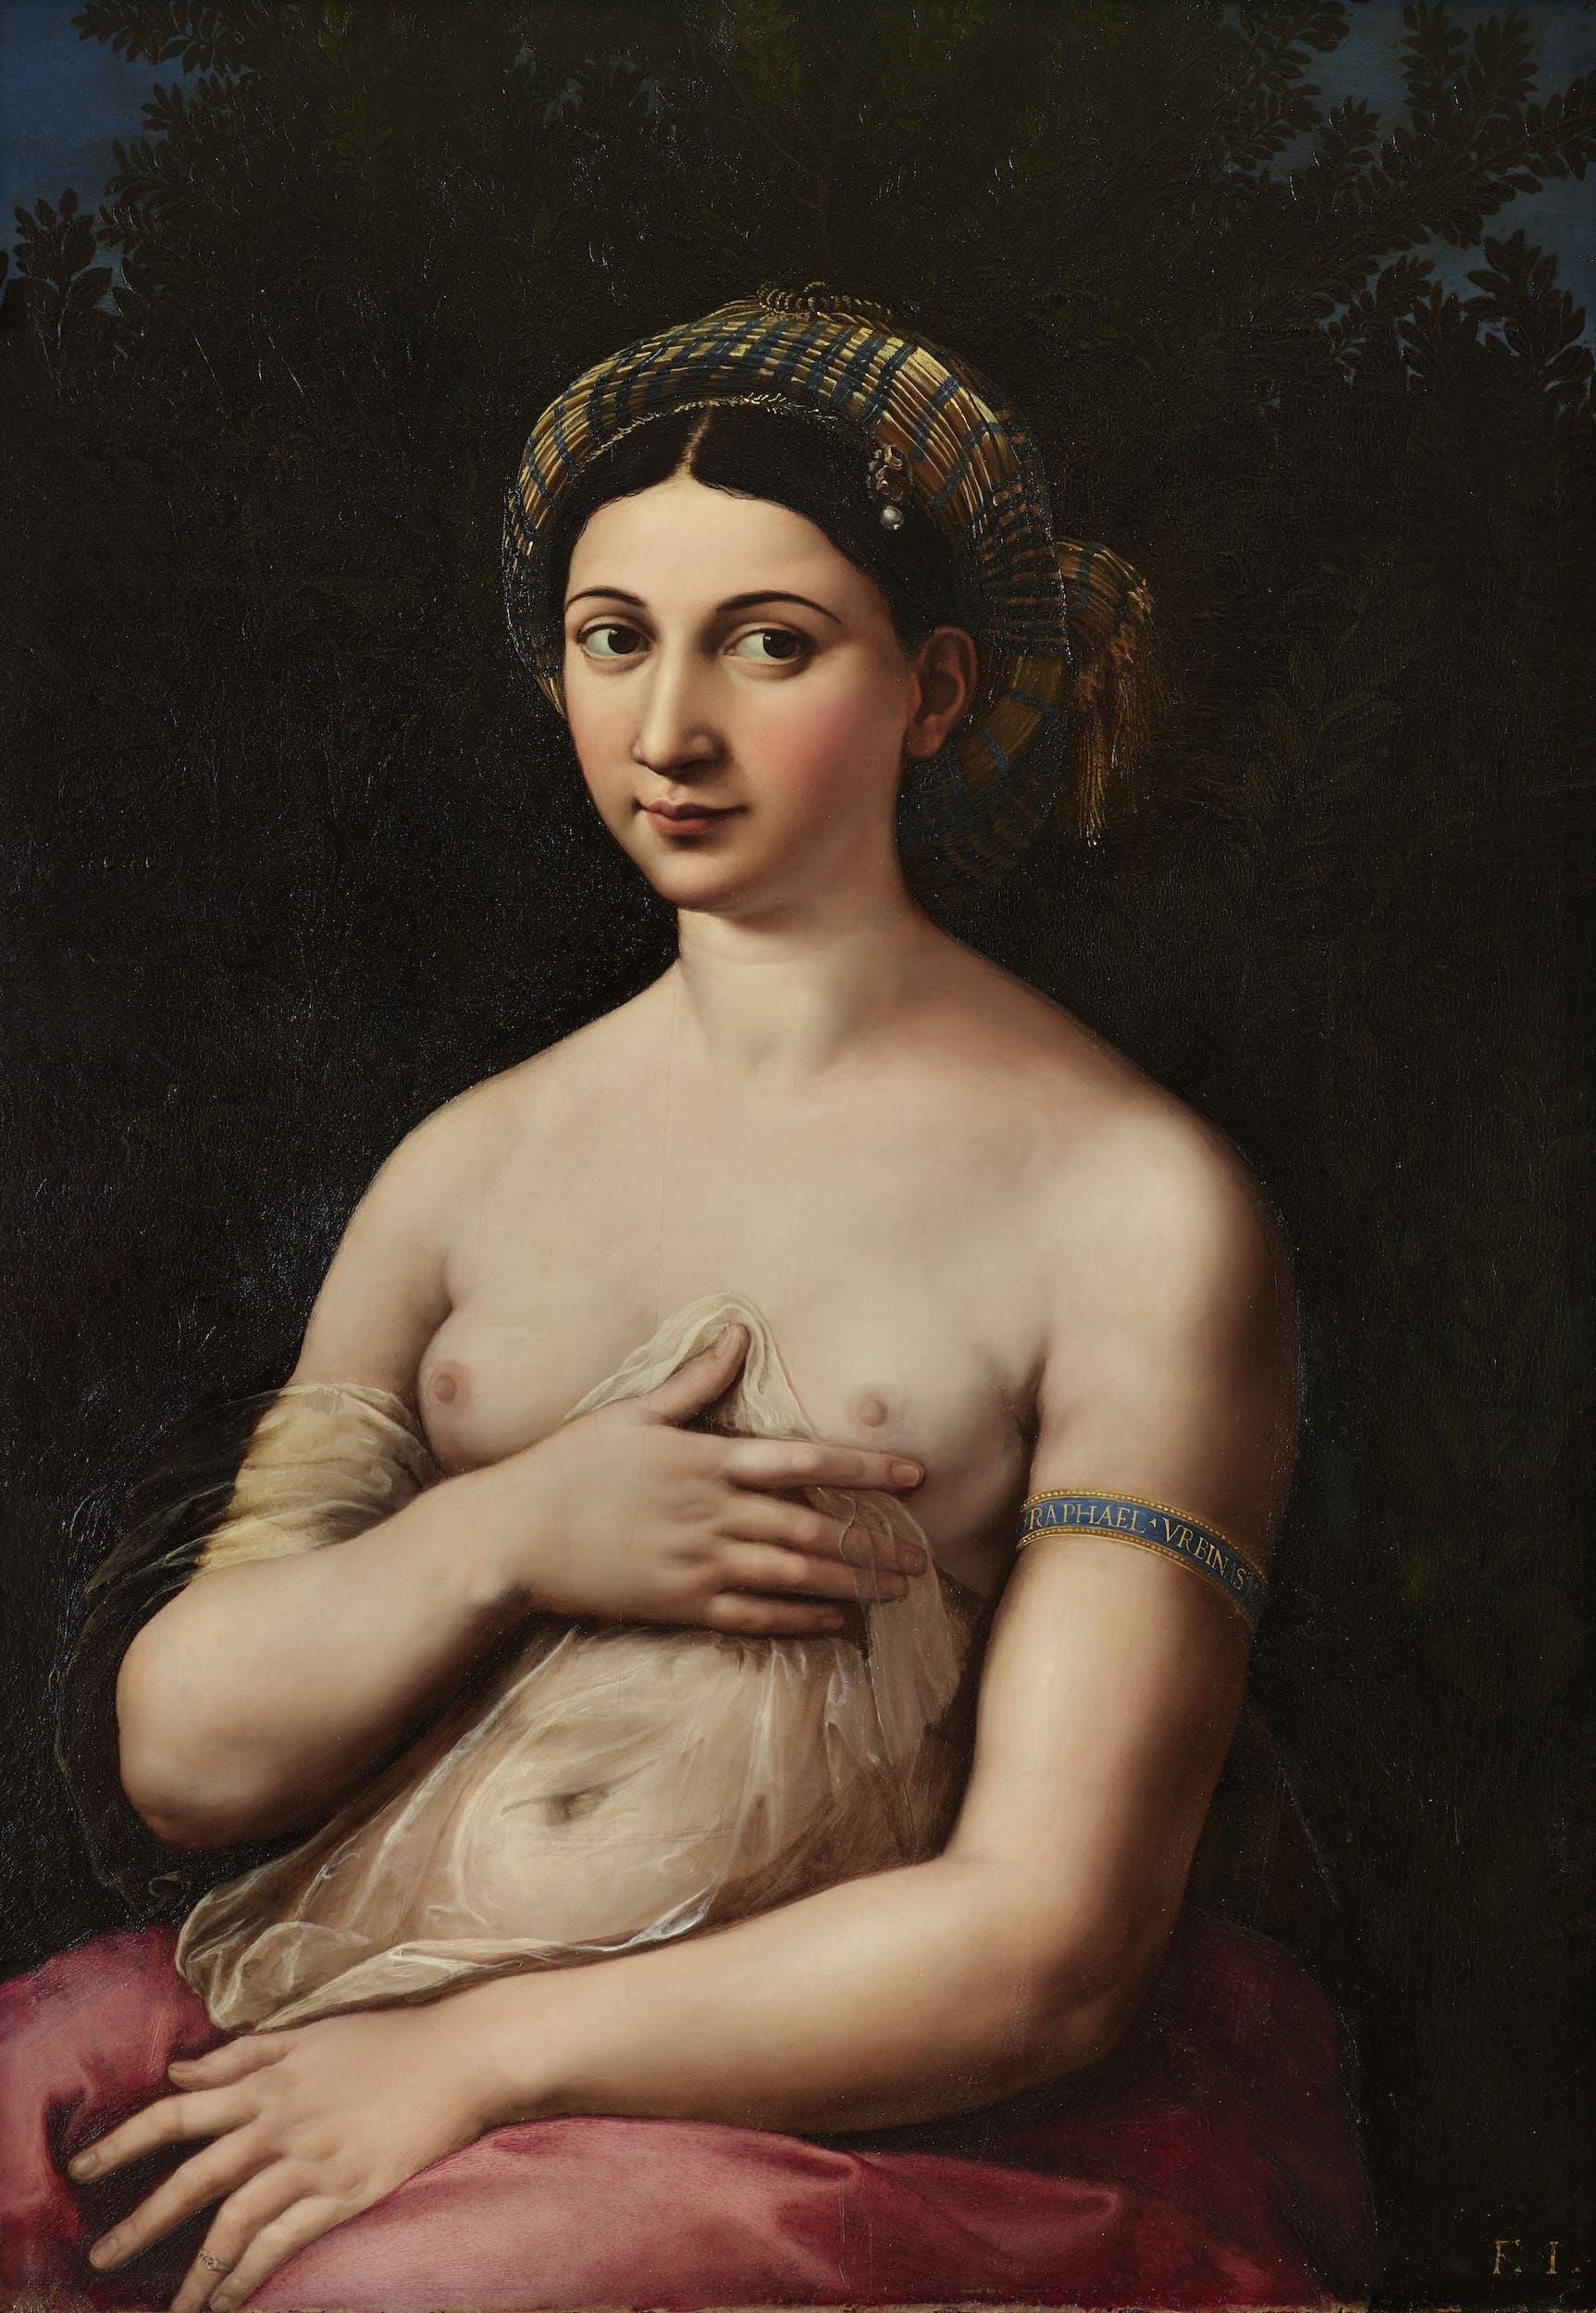 """Raffaello Ritratto di donna nei panni di Venere (""""Fornarina"""") Portrait of woman in the role of Venus (""""Fornarina"""") 1519-1520 circa olio su tavola / oil on panel Roma, Gallerie Nazionali d'Arte Antica di Roma, Barberini"""